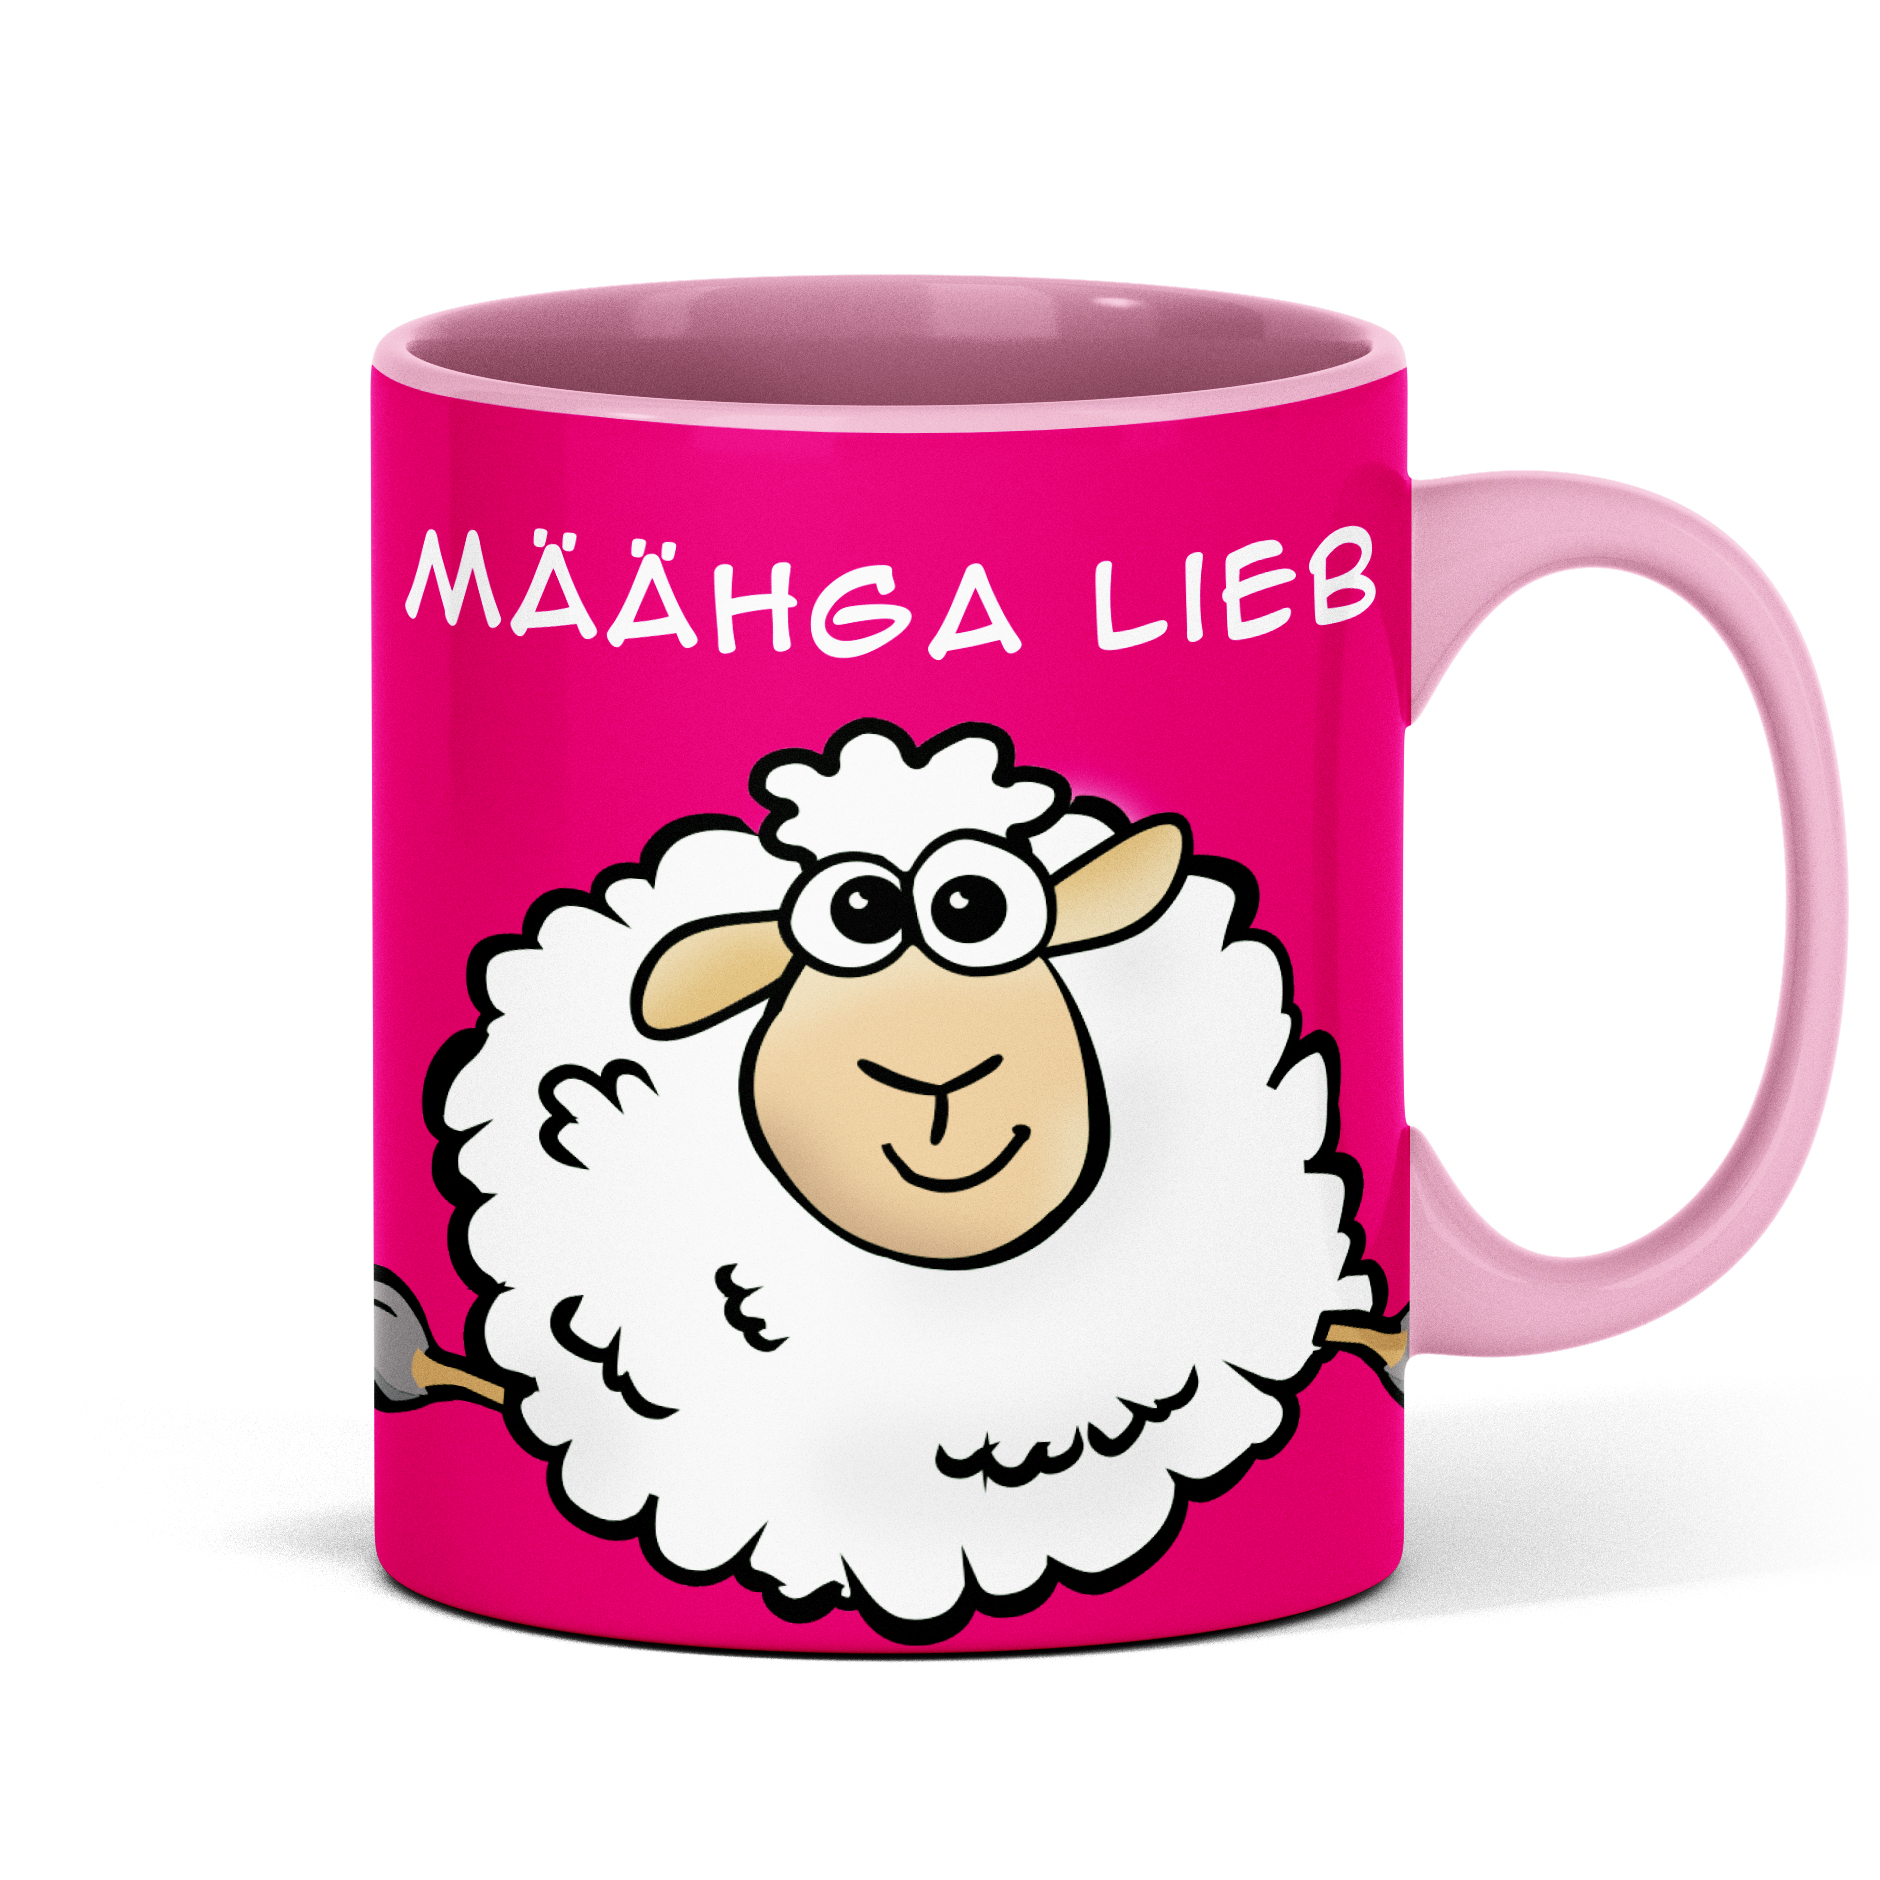 Schaf Tasse mit lustigem Spruch Schafmotiv Geschenk für Büro Kollegin Mann Freund Freundin Schafliebhaber